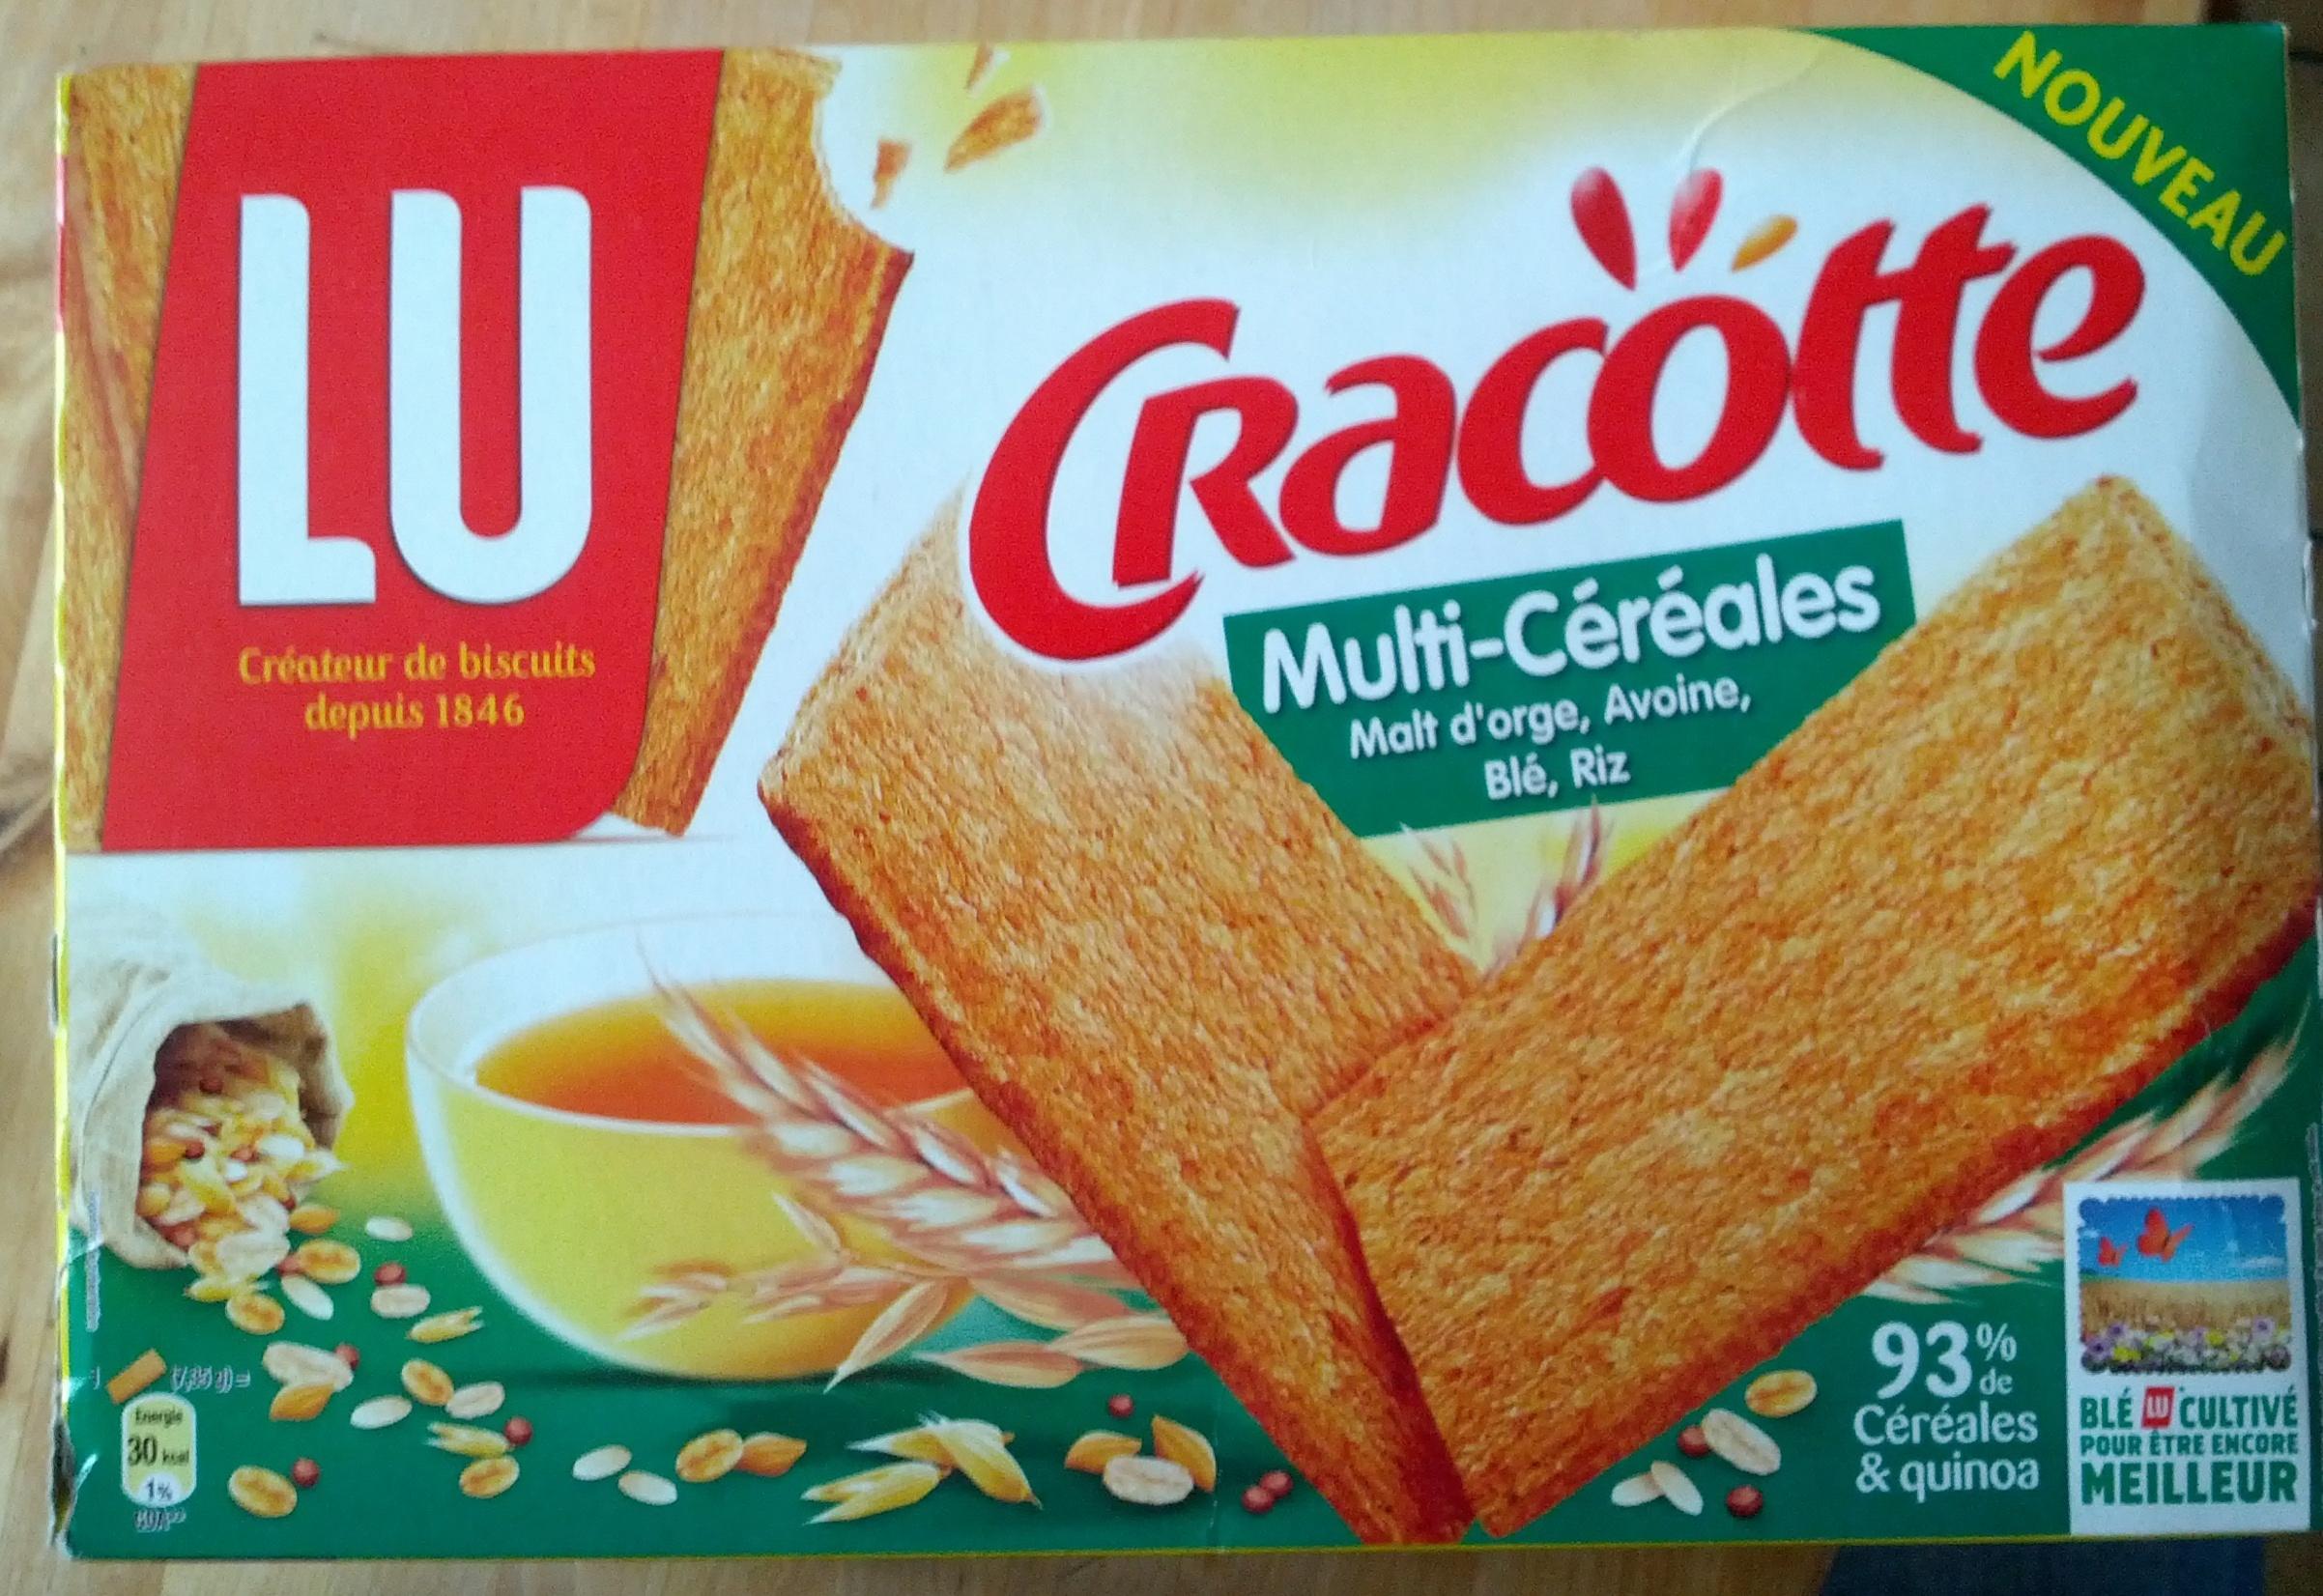 Cracottes Multi-Céréales - Product - fr